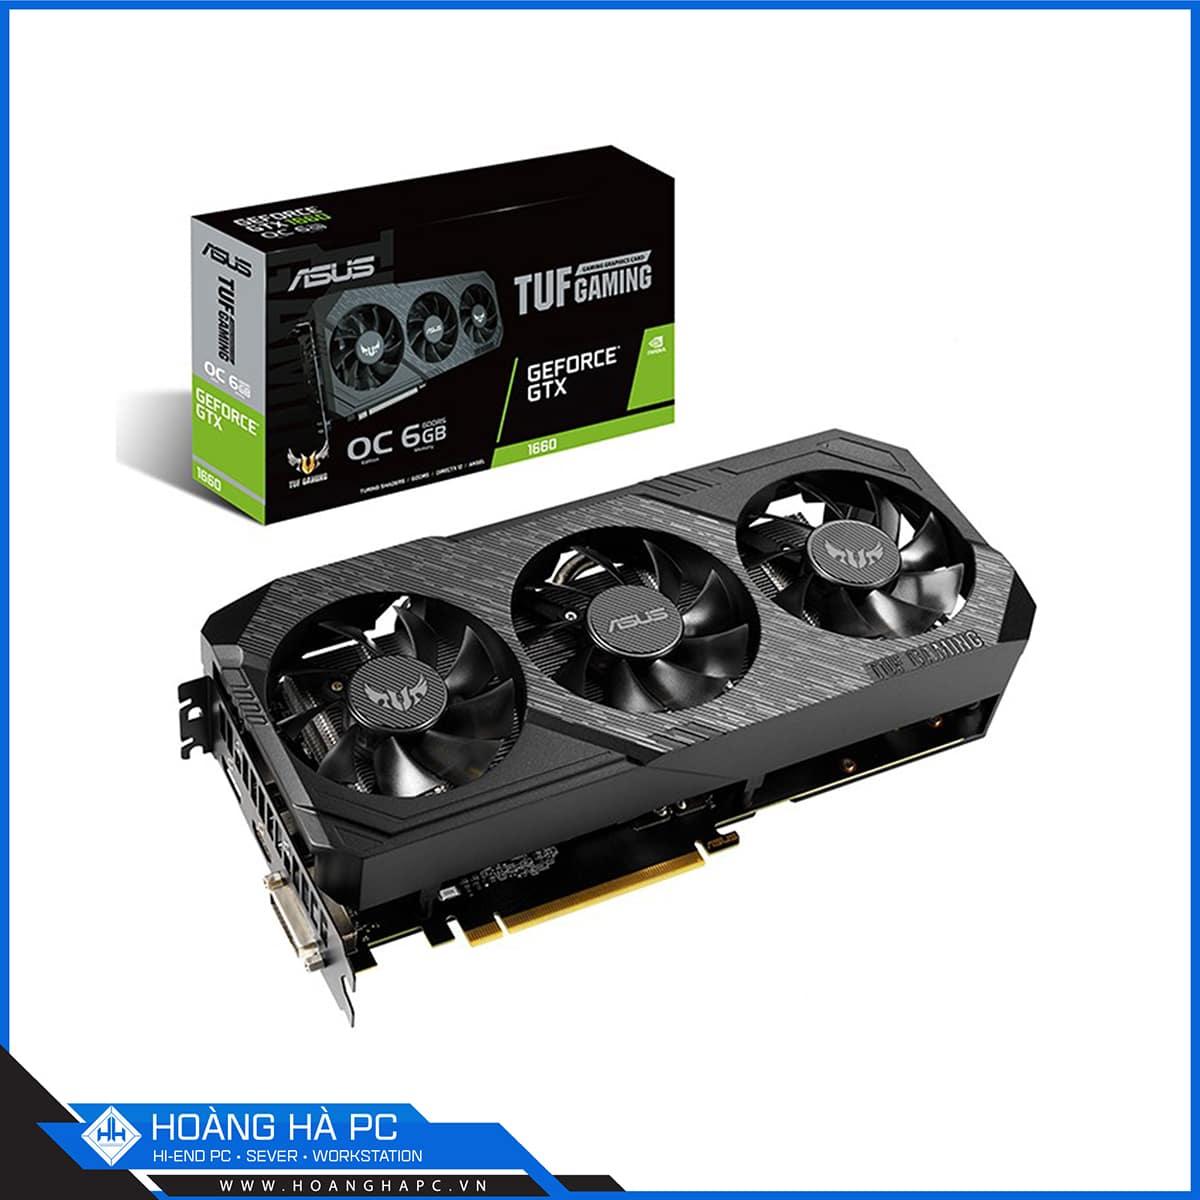 Card màn hình NVIDIA Geforce GTX hiệu năng cực tốt trong phân khúc tầm trung